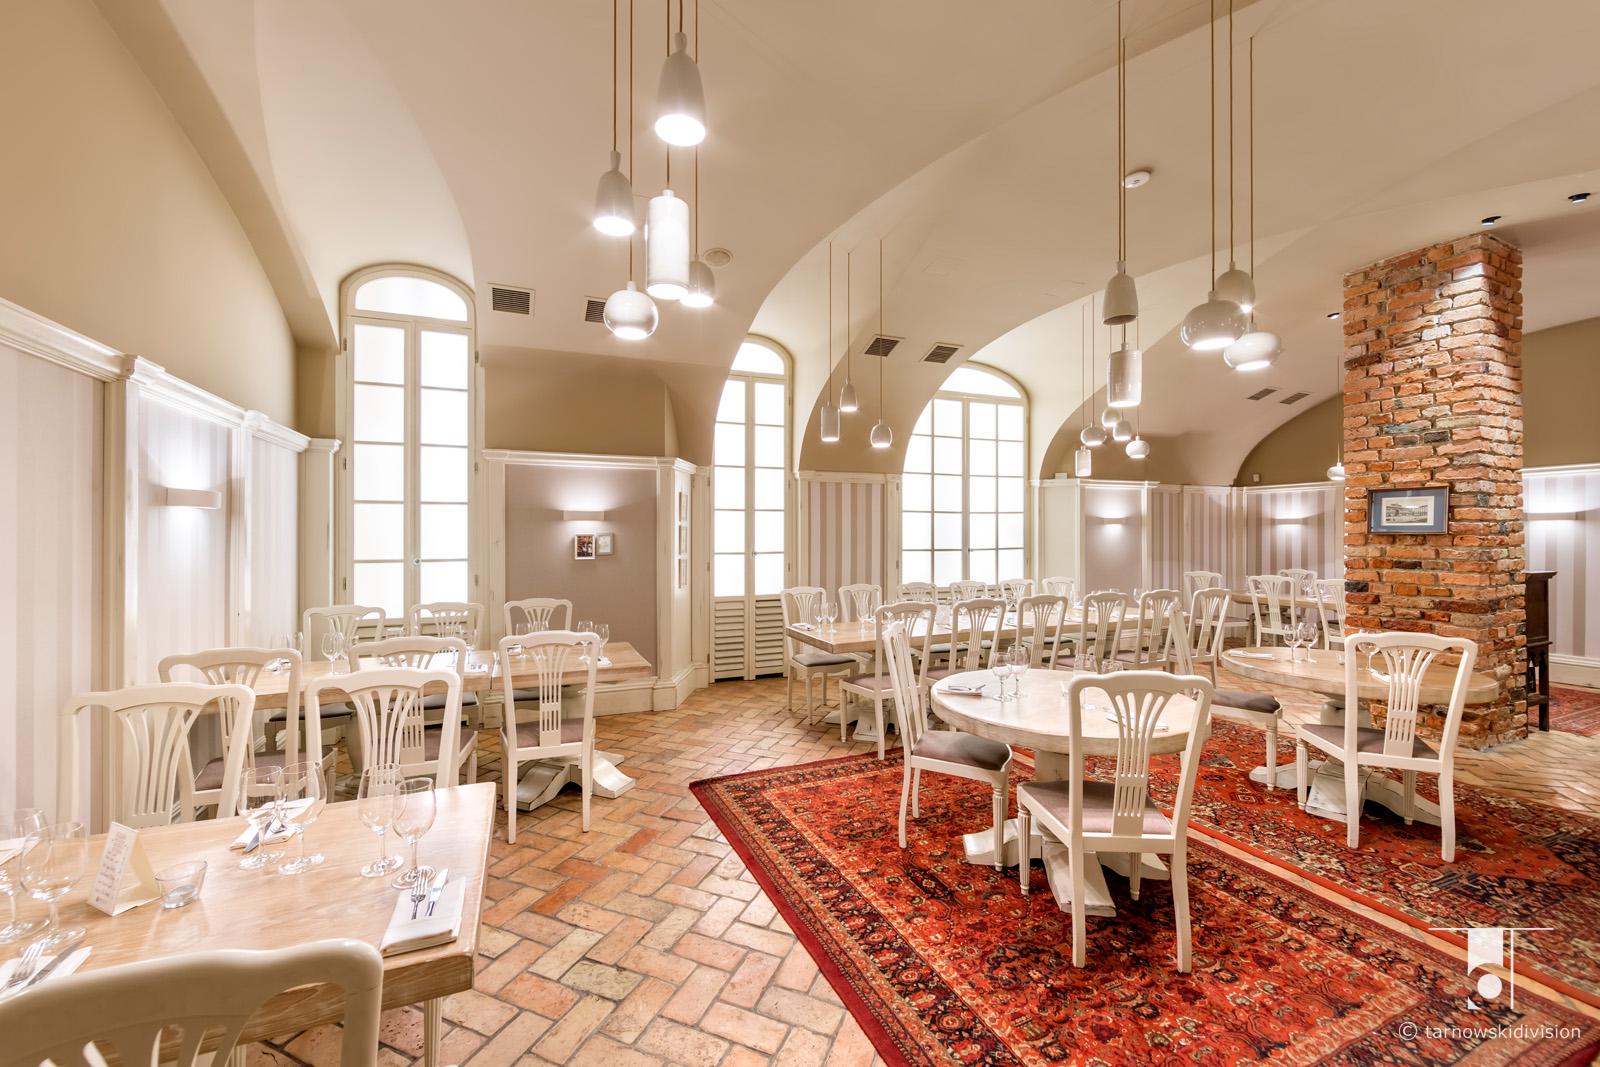 restauracja włoska wnętrze Chianti projekt wnętrz restauracji italian restaurant interior design_tarnowskidivision